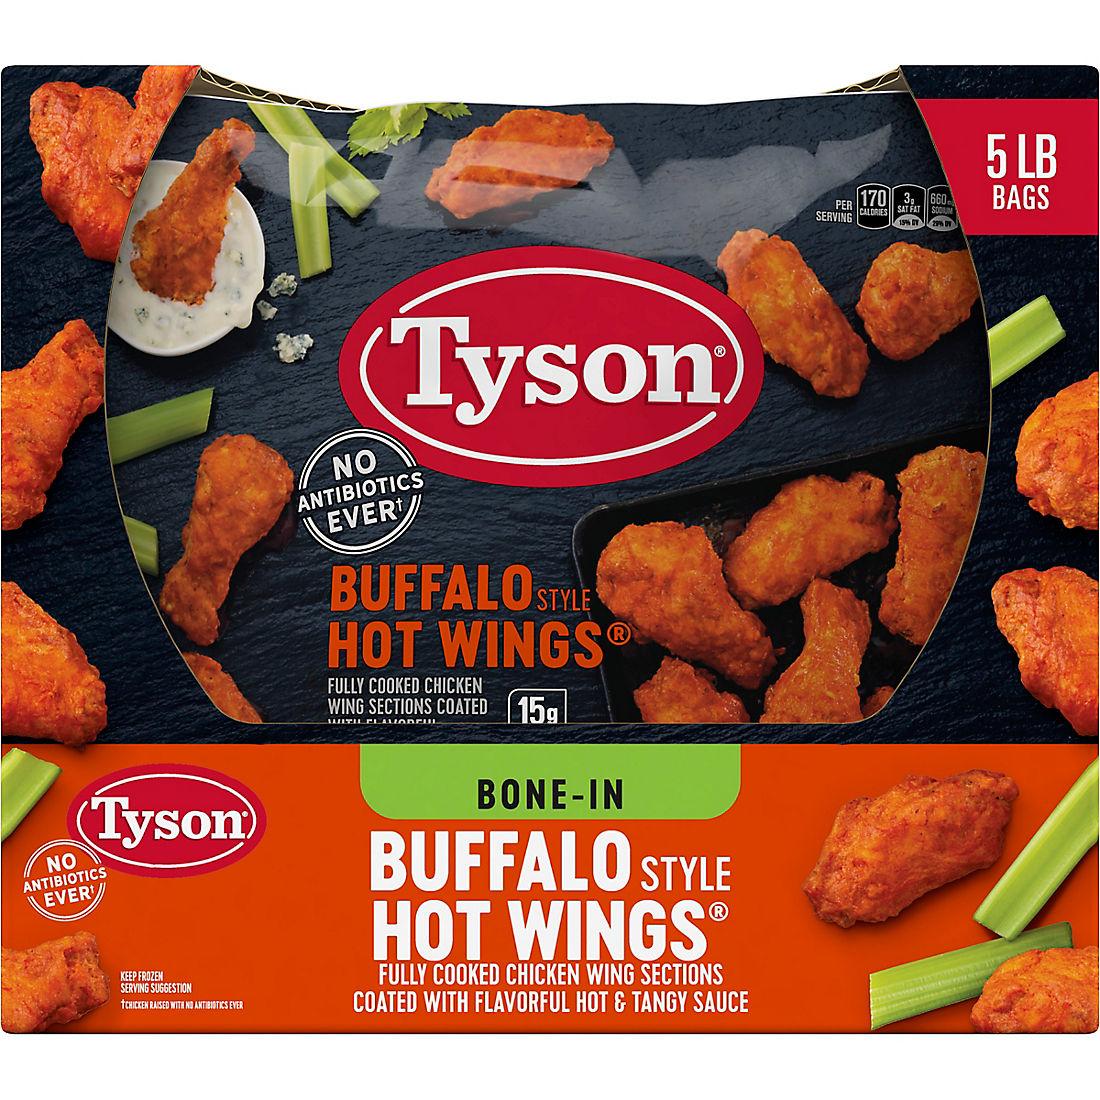 Frozen Buffalo Style Hot Chicken Wings